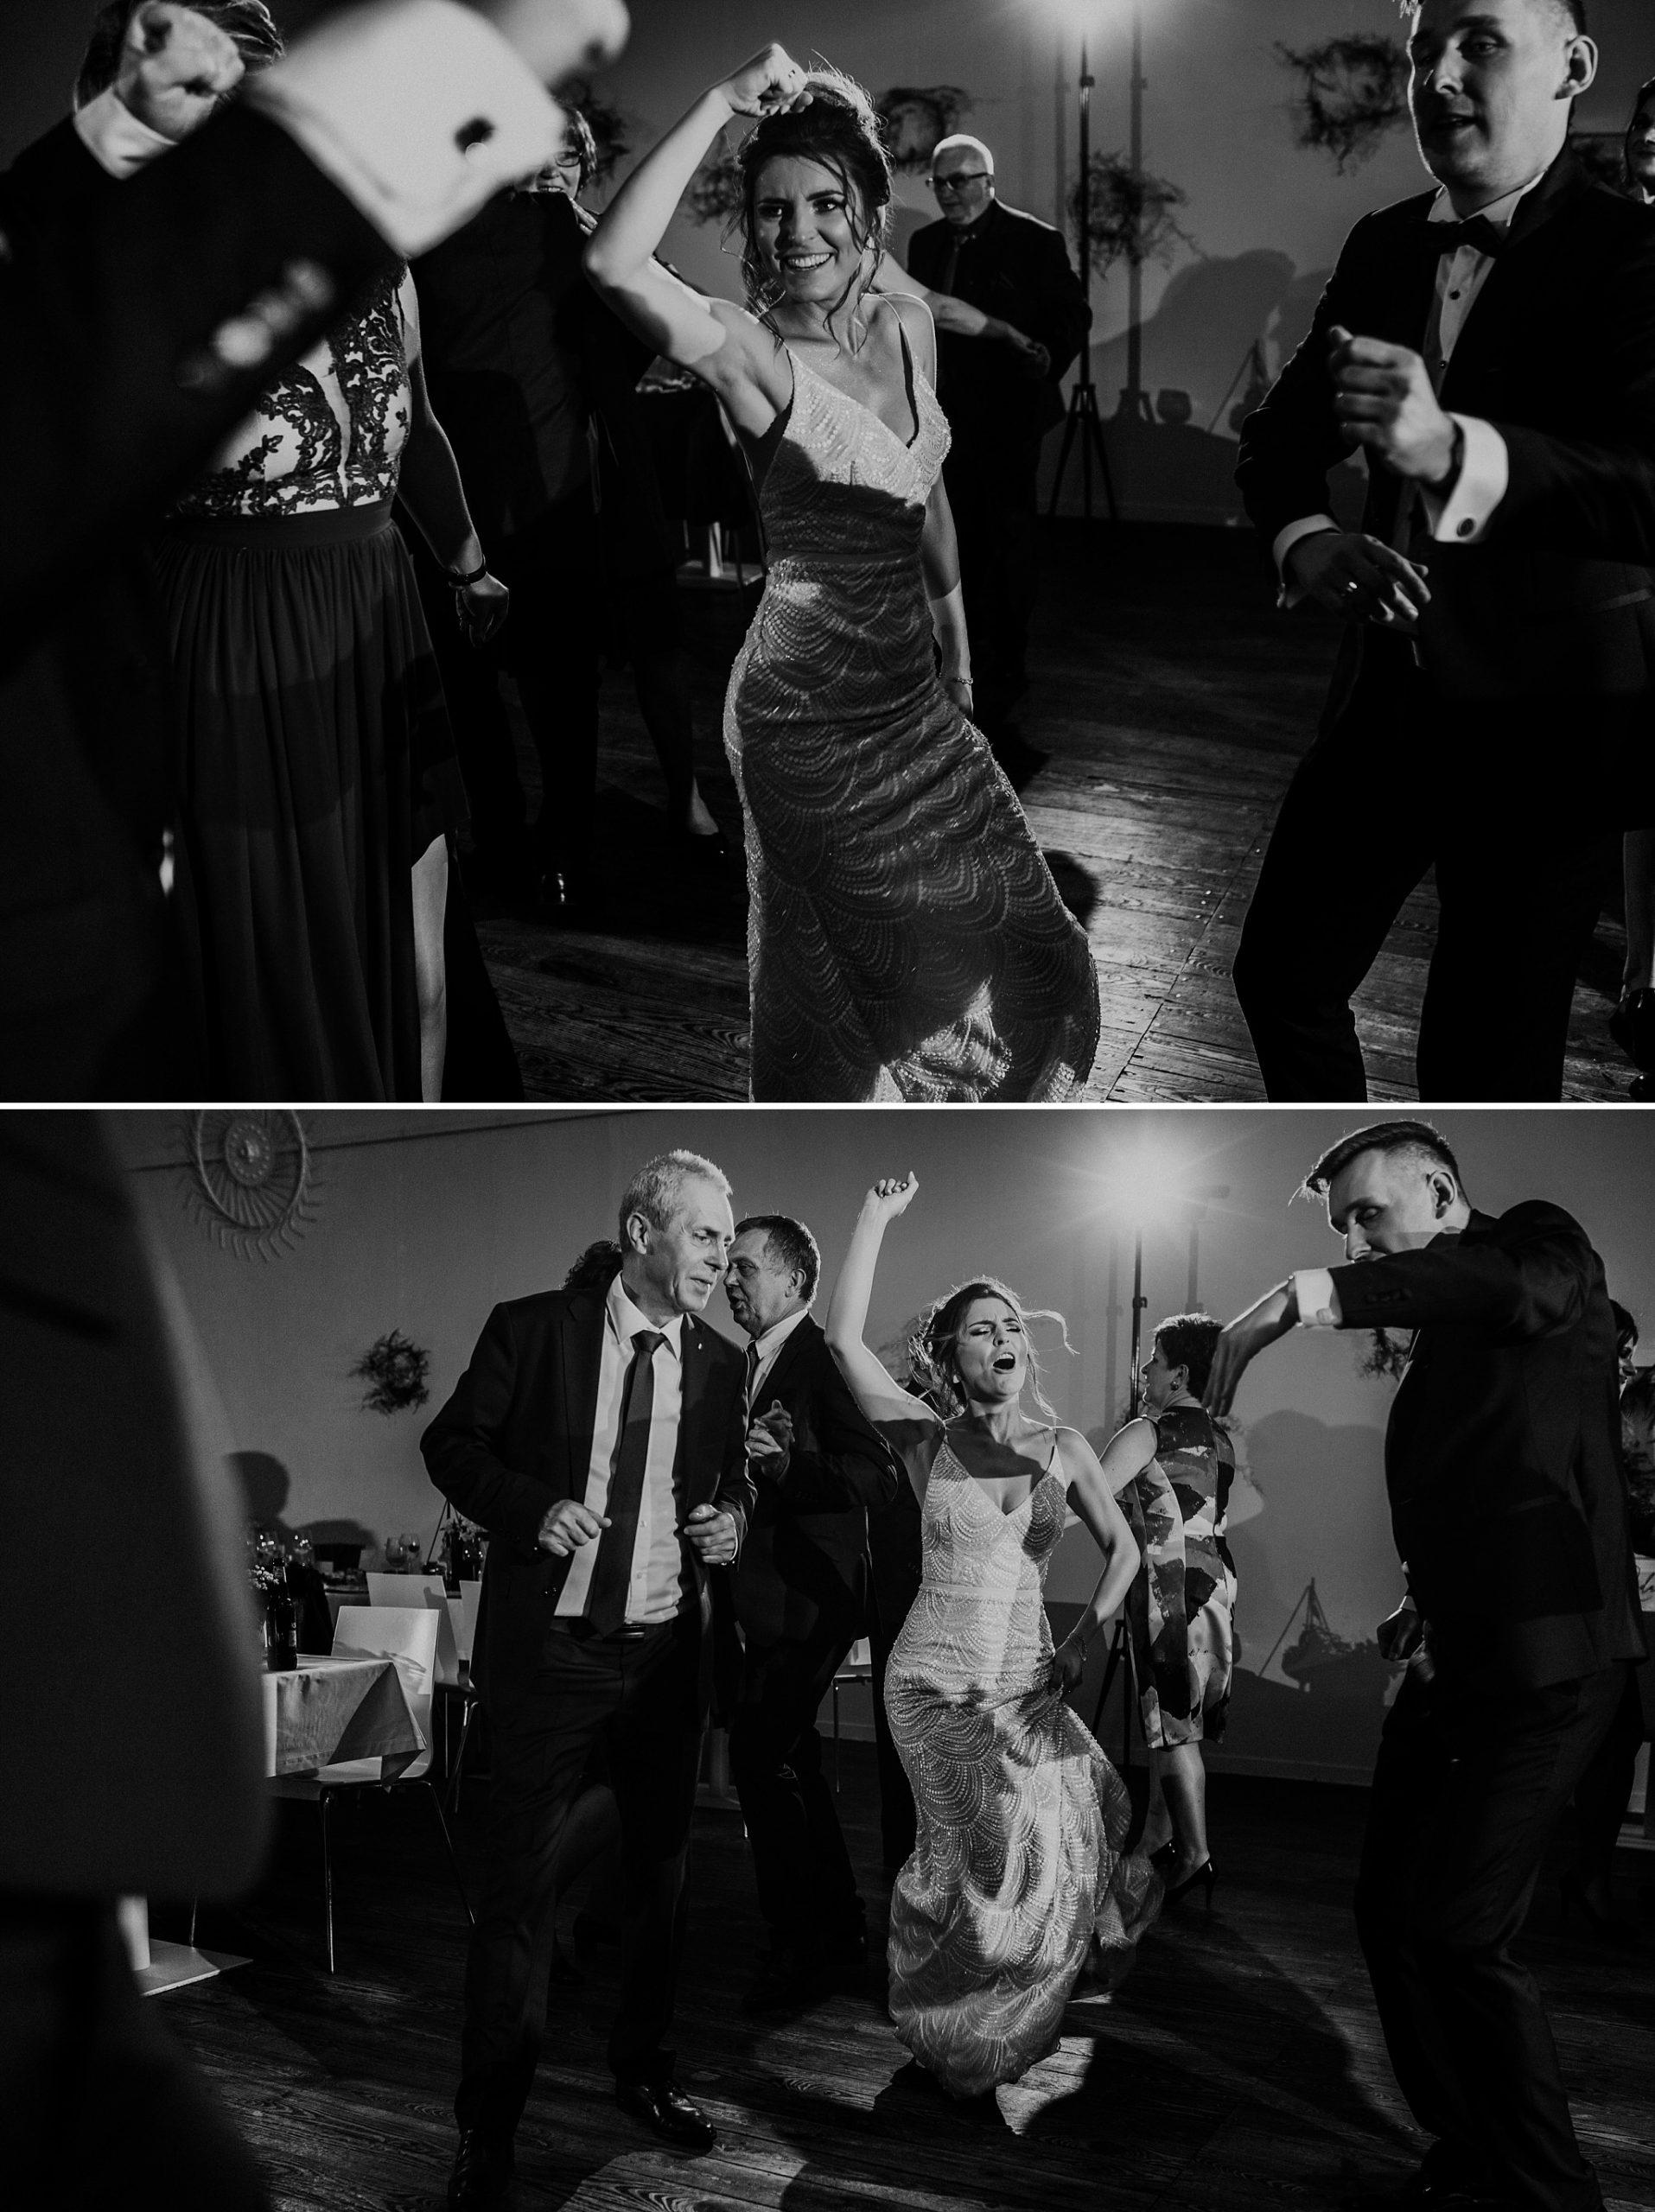 fotograf poznan wesele dobra truskawka piekne wesele pod poznaniem wesele w dobrej truskawce piekna para mloda slub marzen slub koronawirus slub listopad wesele koronawirus 400 scaled